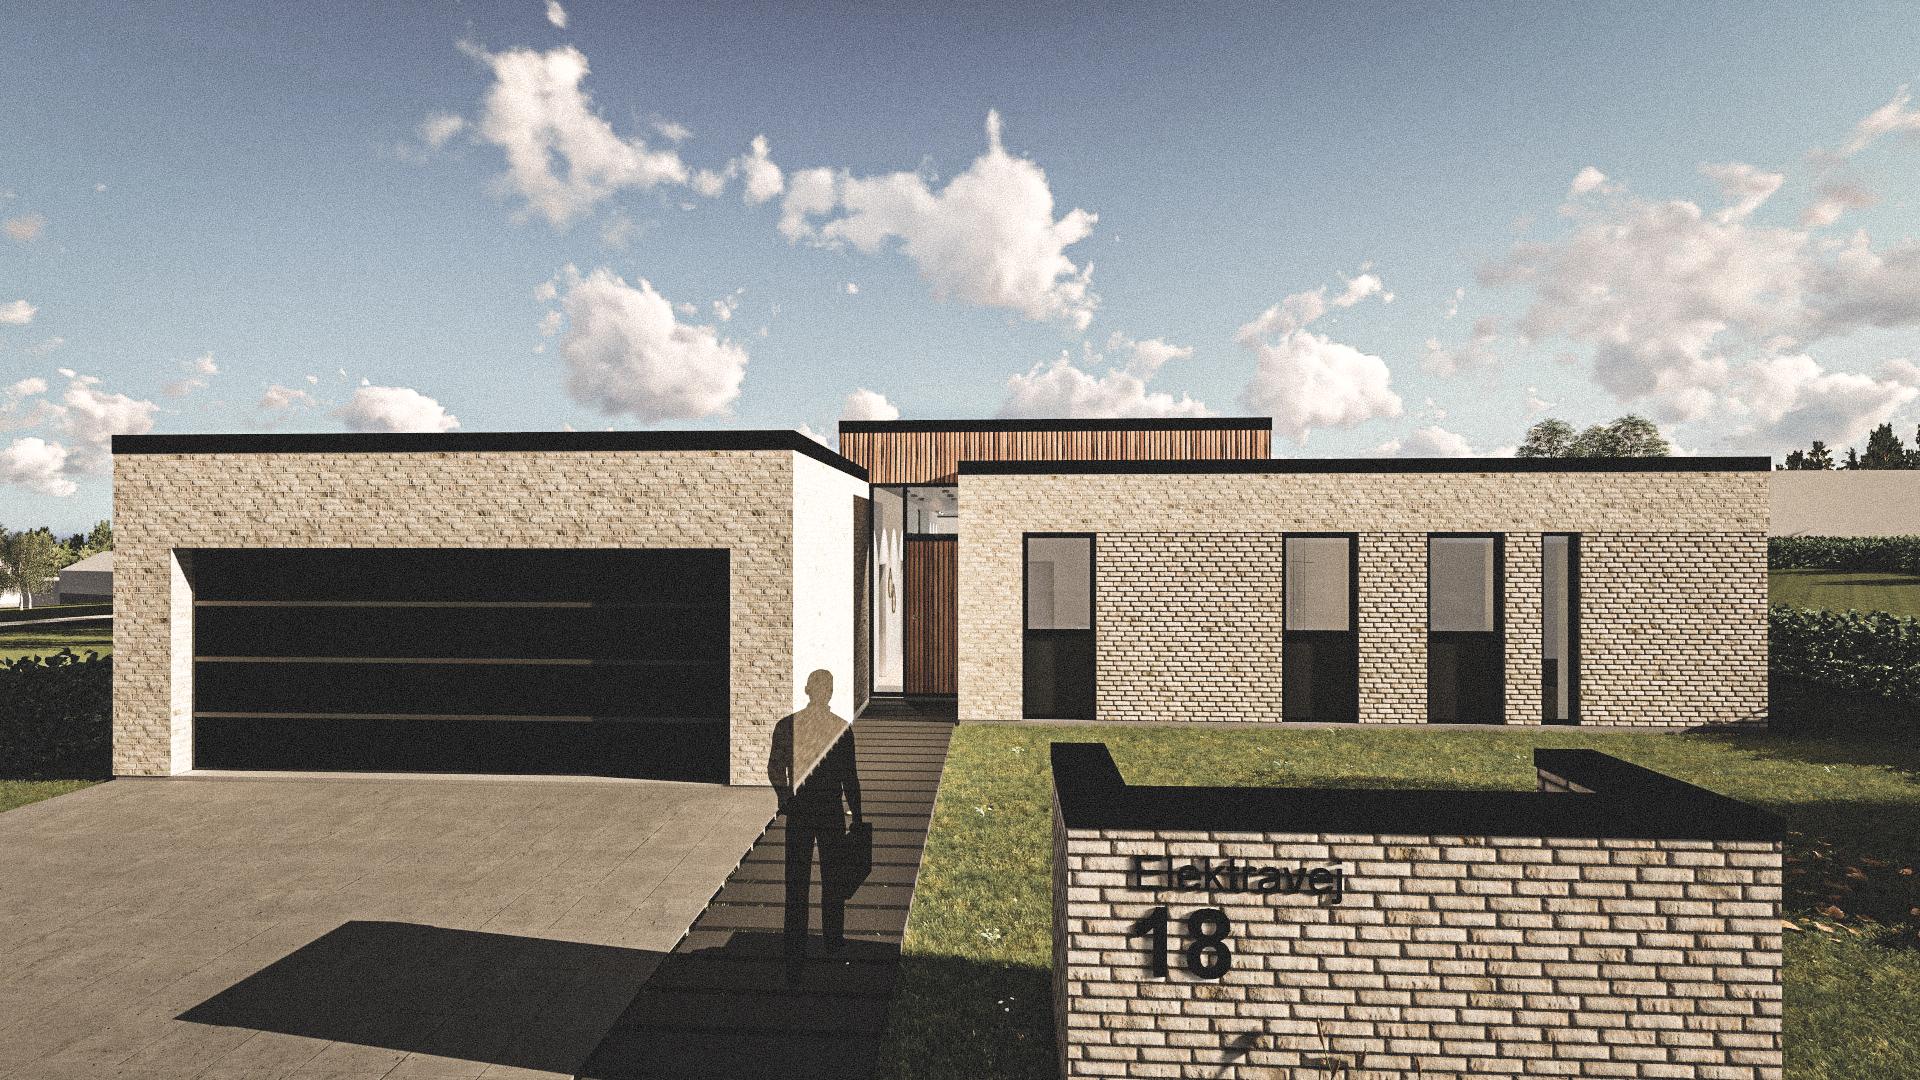 Billede af Dansk arkitekttegnet 1 plan villa af arkitektfirmaet m2plus, i Elektravej 18 på 205 kvartratmeter.